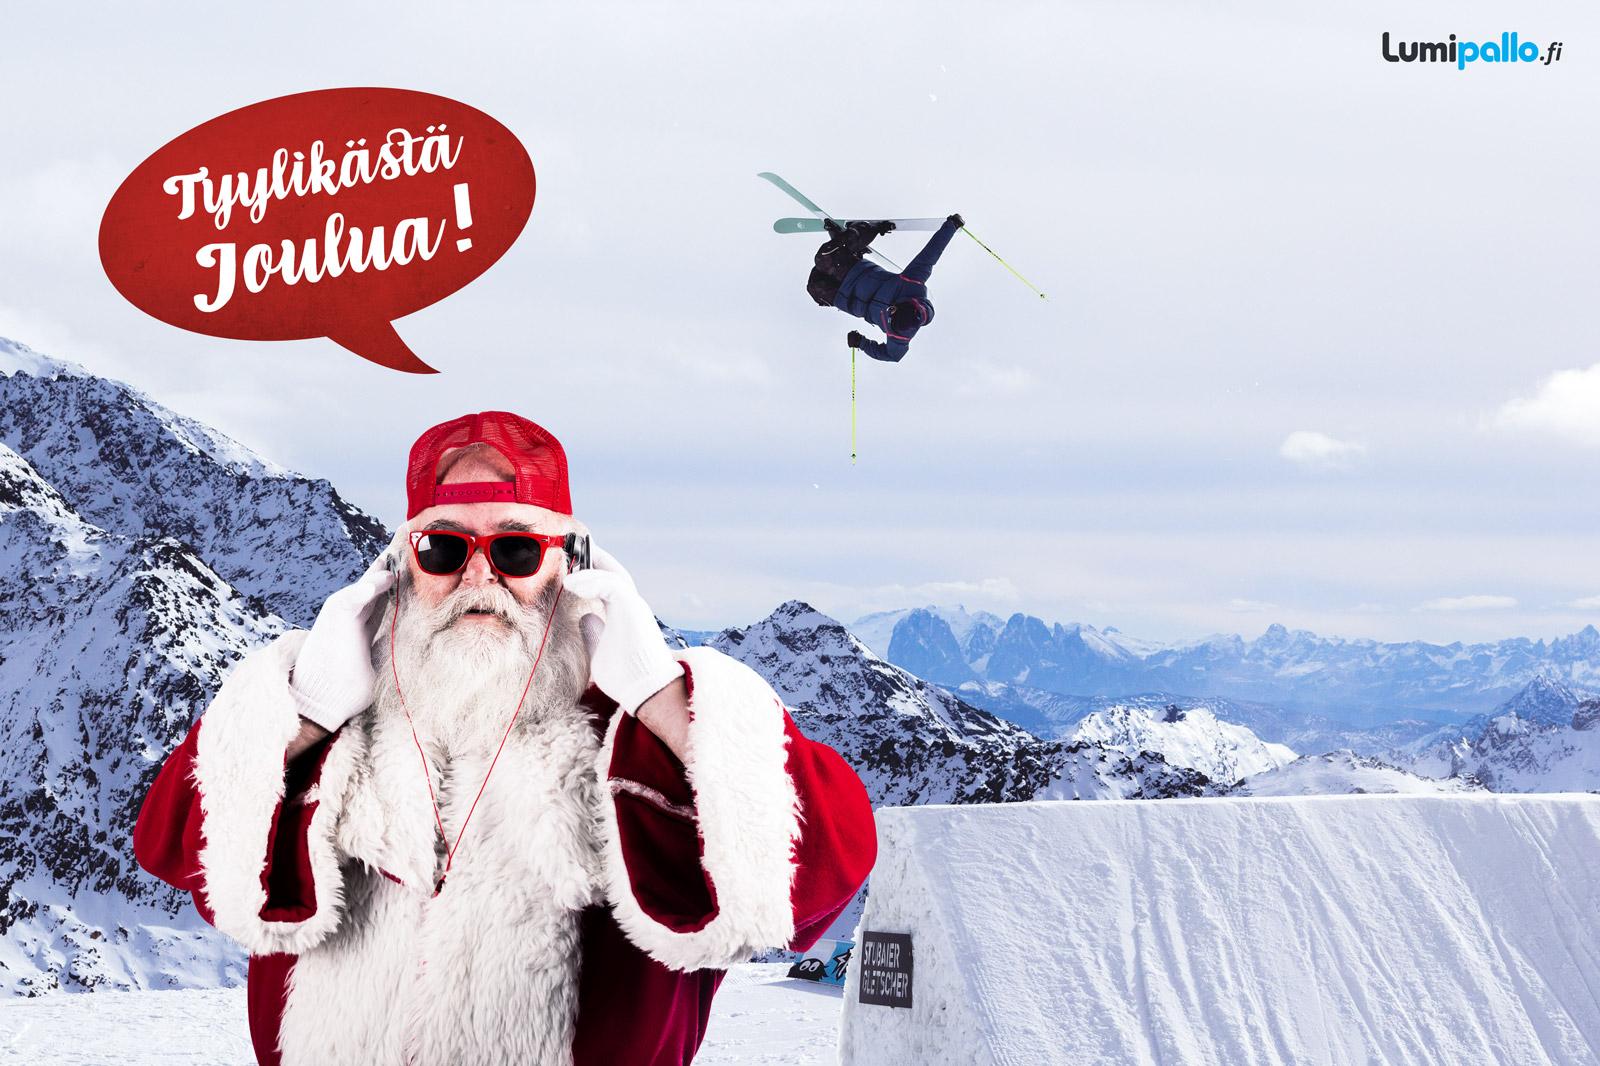 Tyylikäs pukki toivottaa tyylikästä joulua!